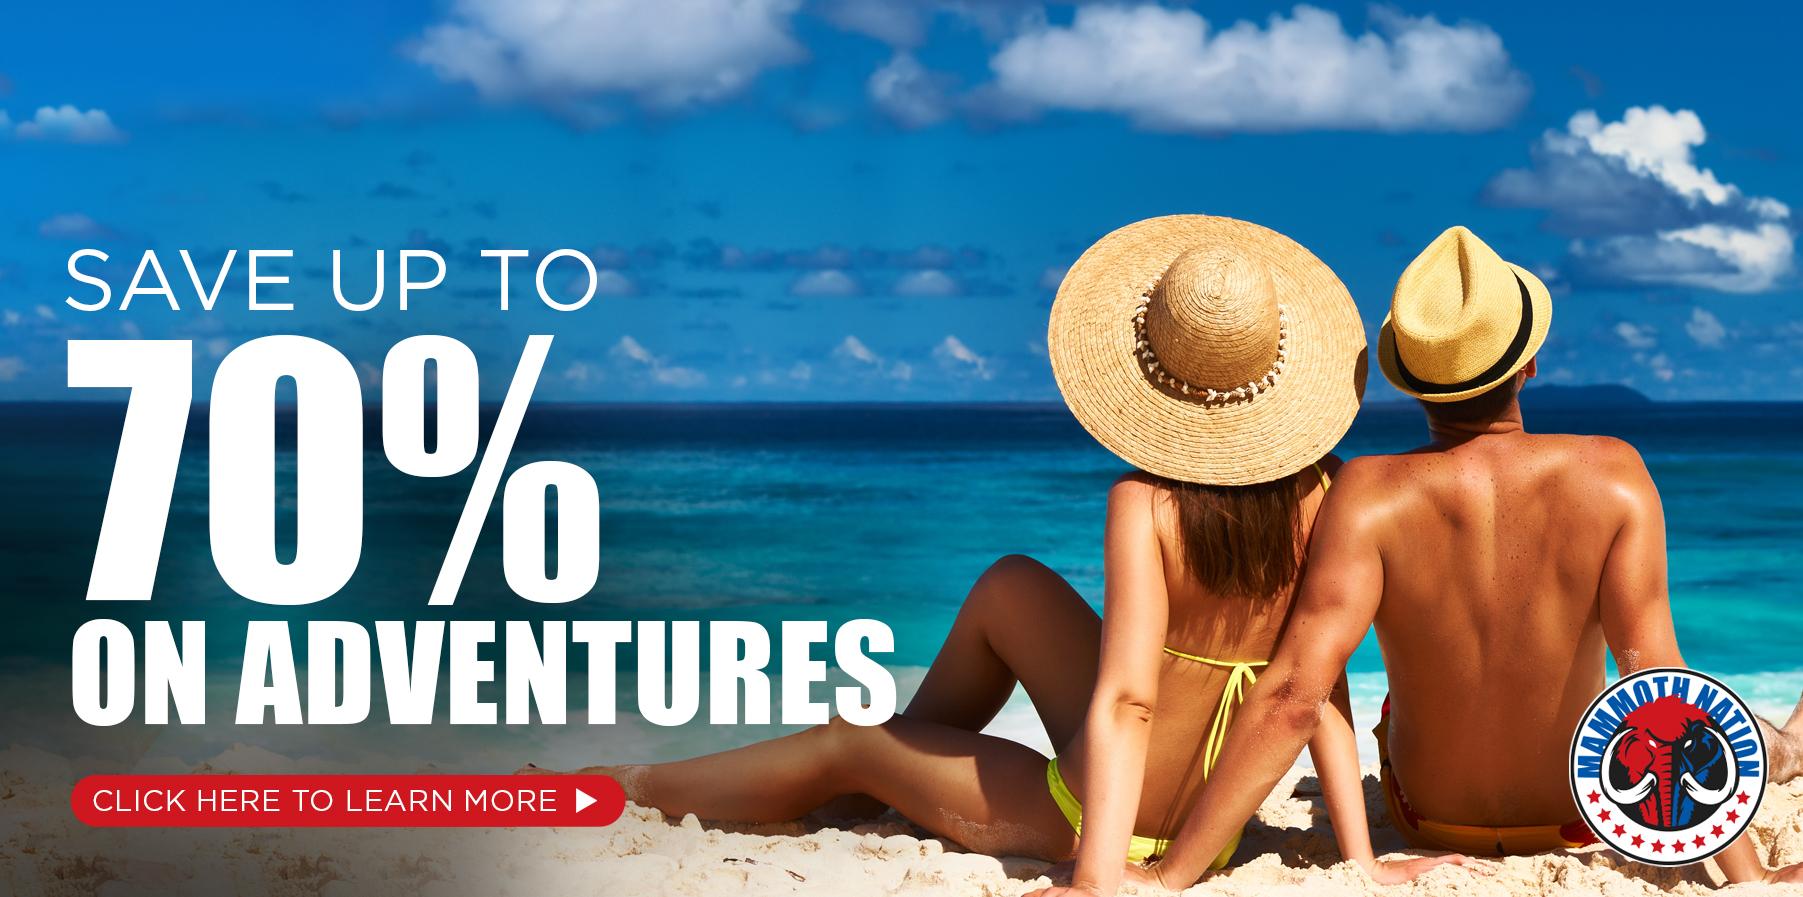 70% off adventures